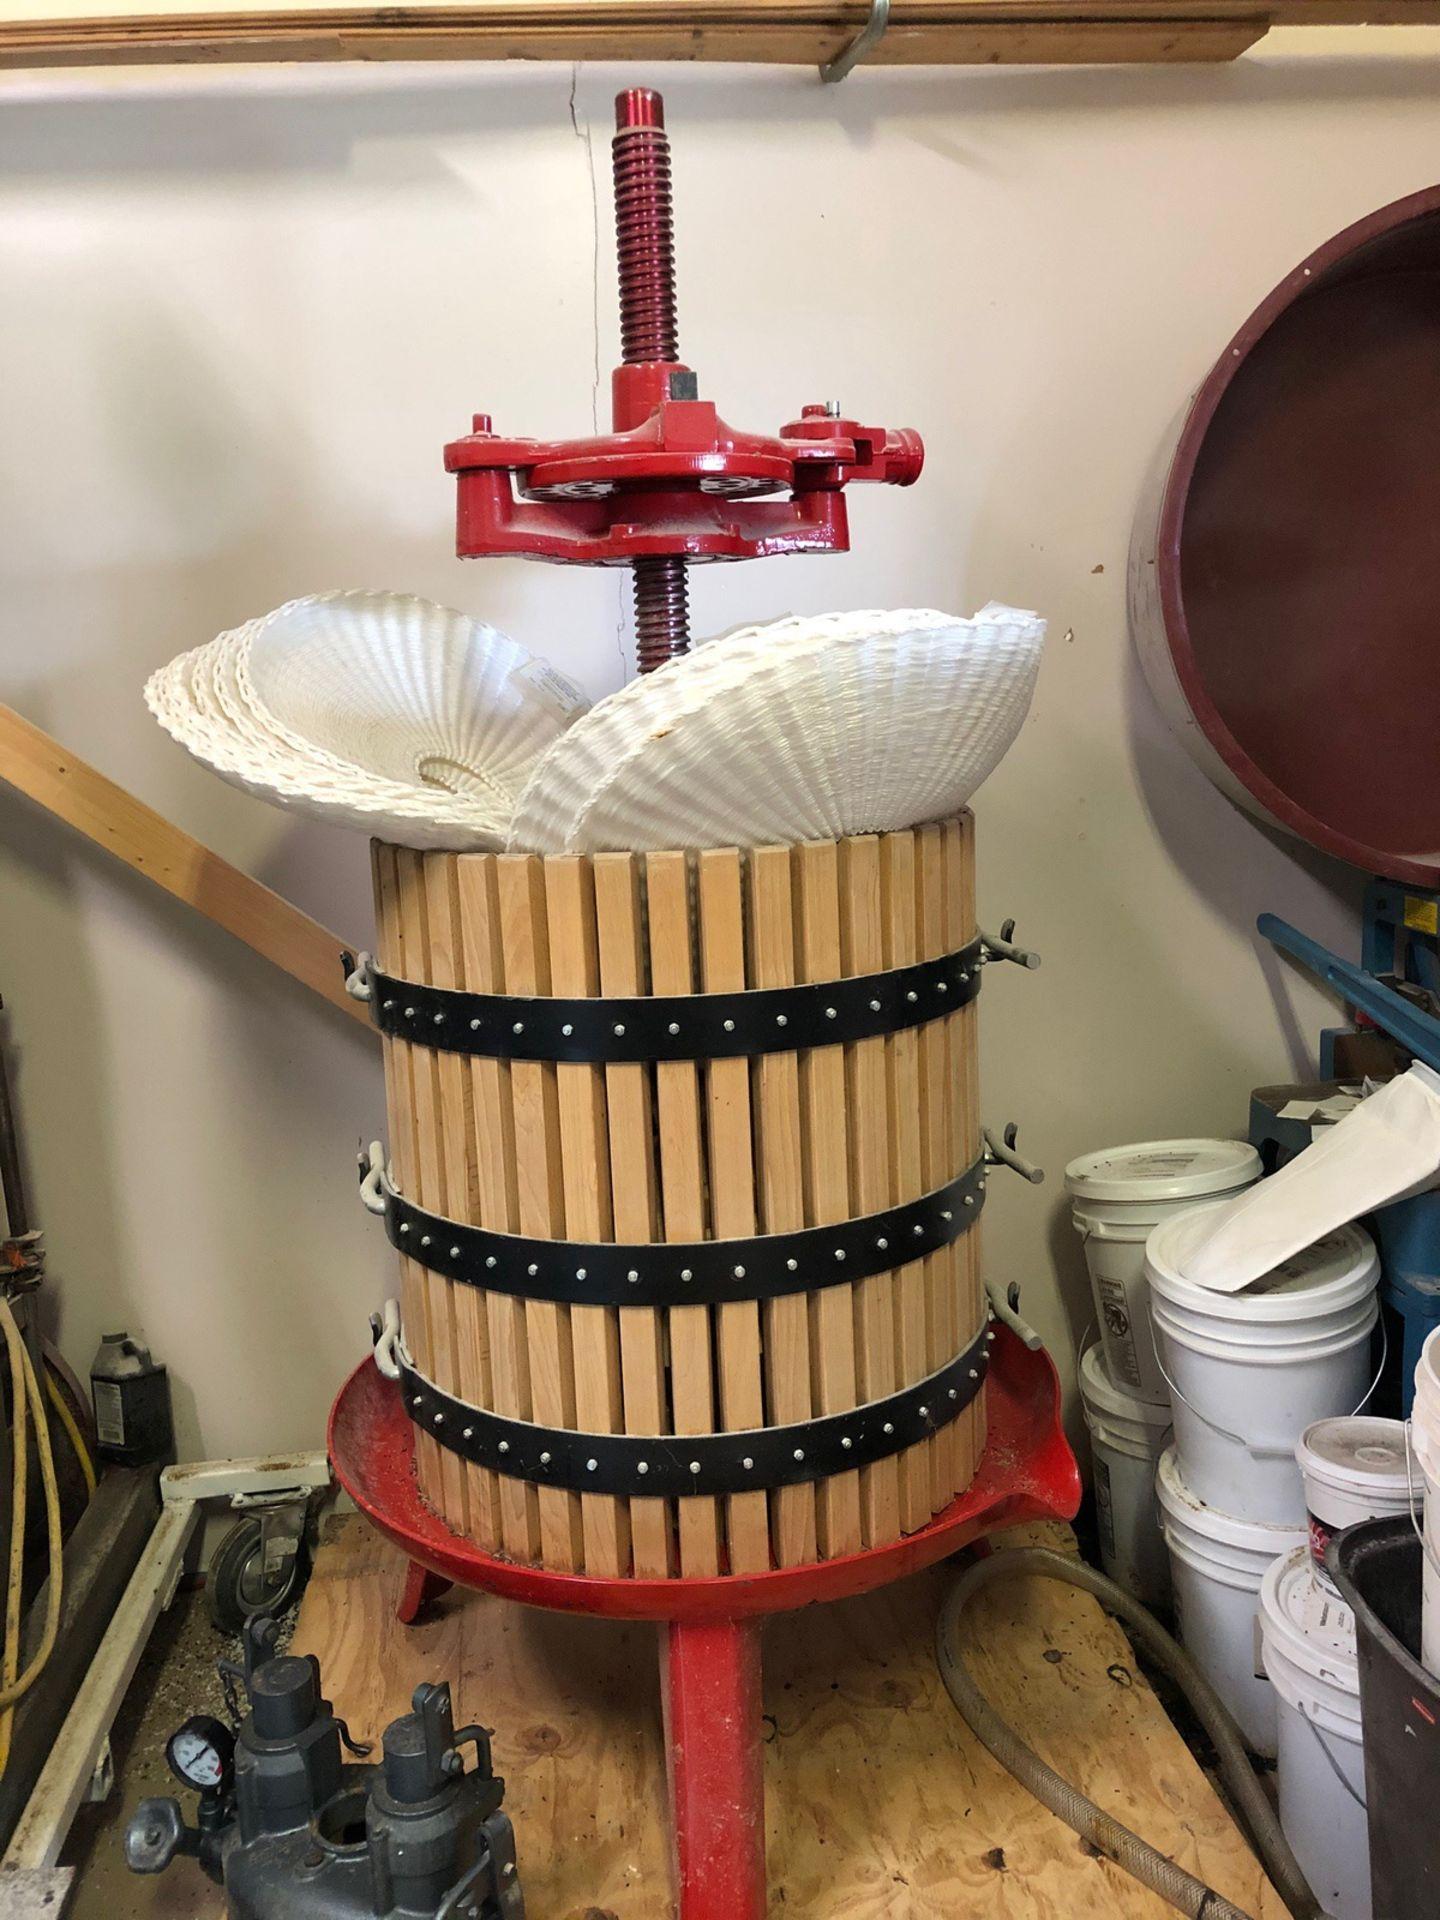 Lot 85 - Wine Press | Rig Fee: $150